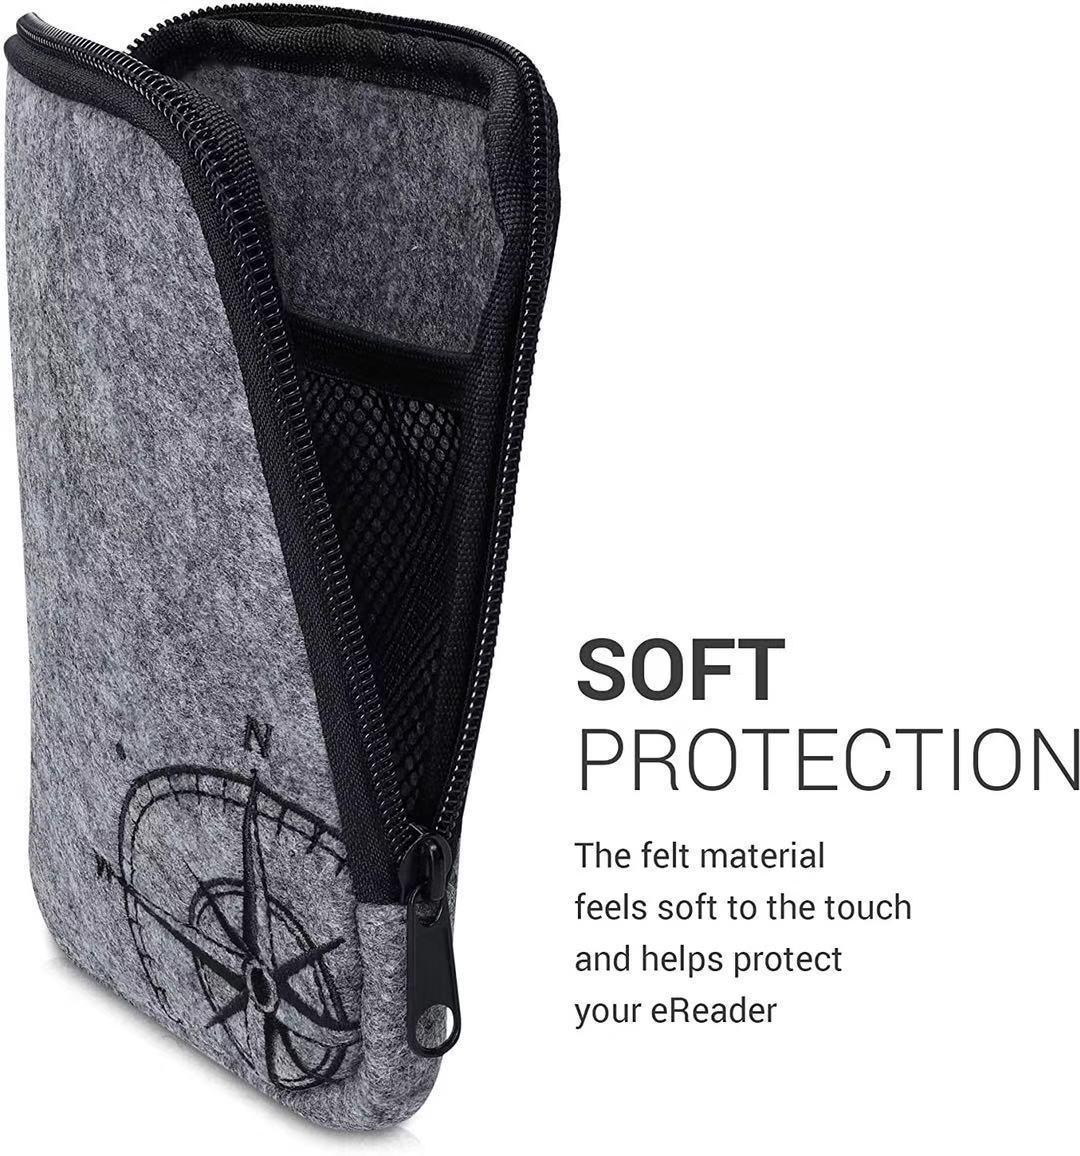 PQWWDX Felt e-reader bag-universal e-book cover with zipper-light gray Universal e-book cover with zipper opening and closing-navigation com